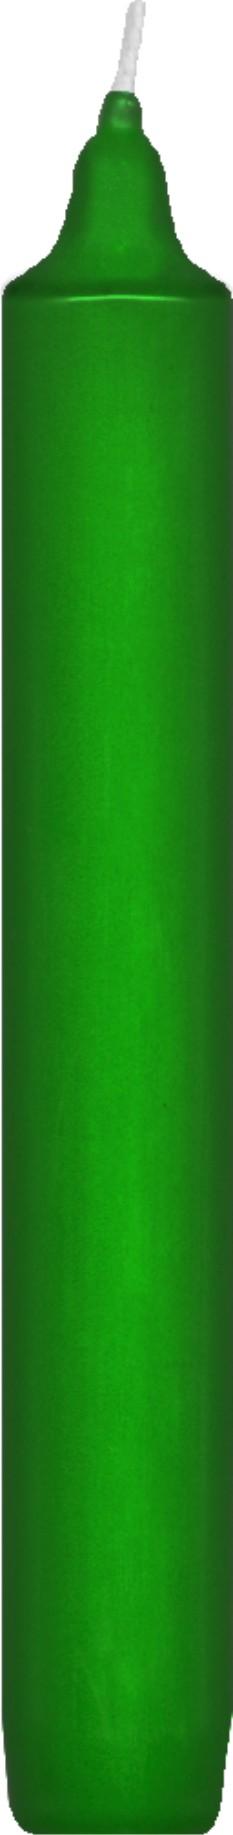 Svíčka rovná 17 cm tmavě zelená,